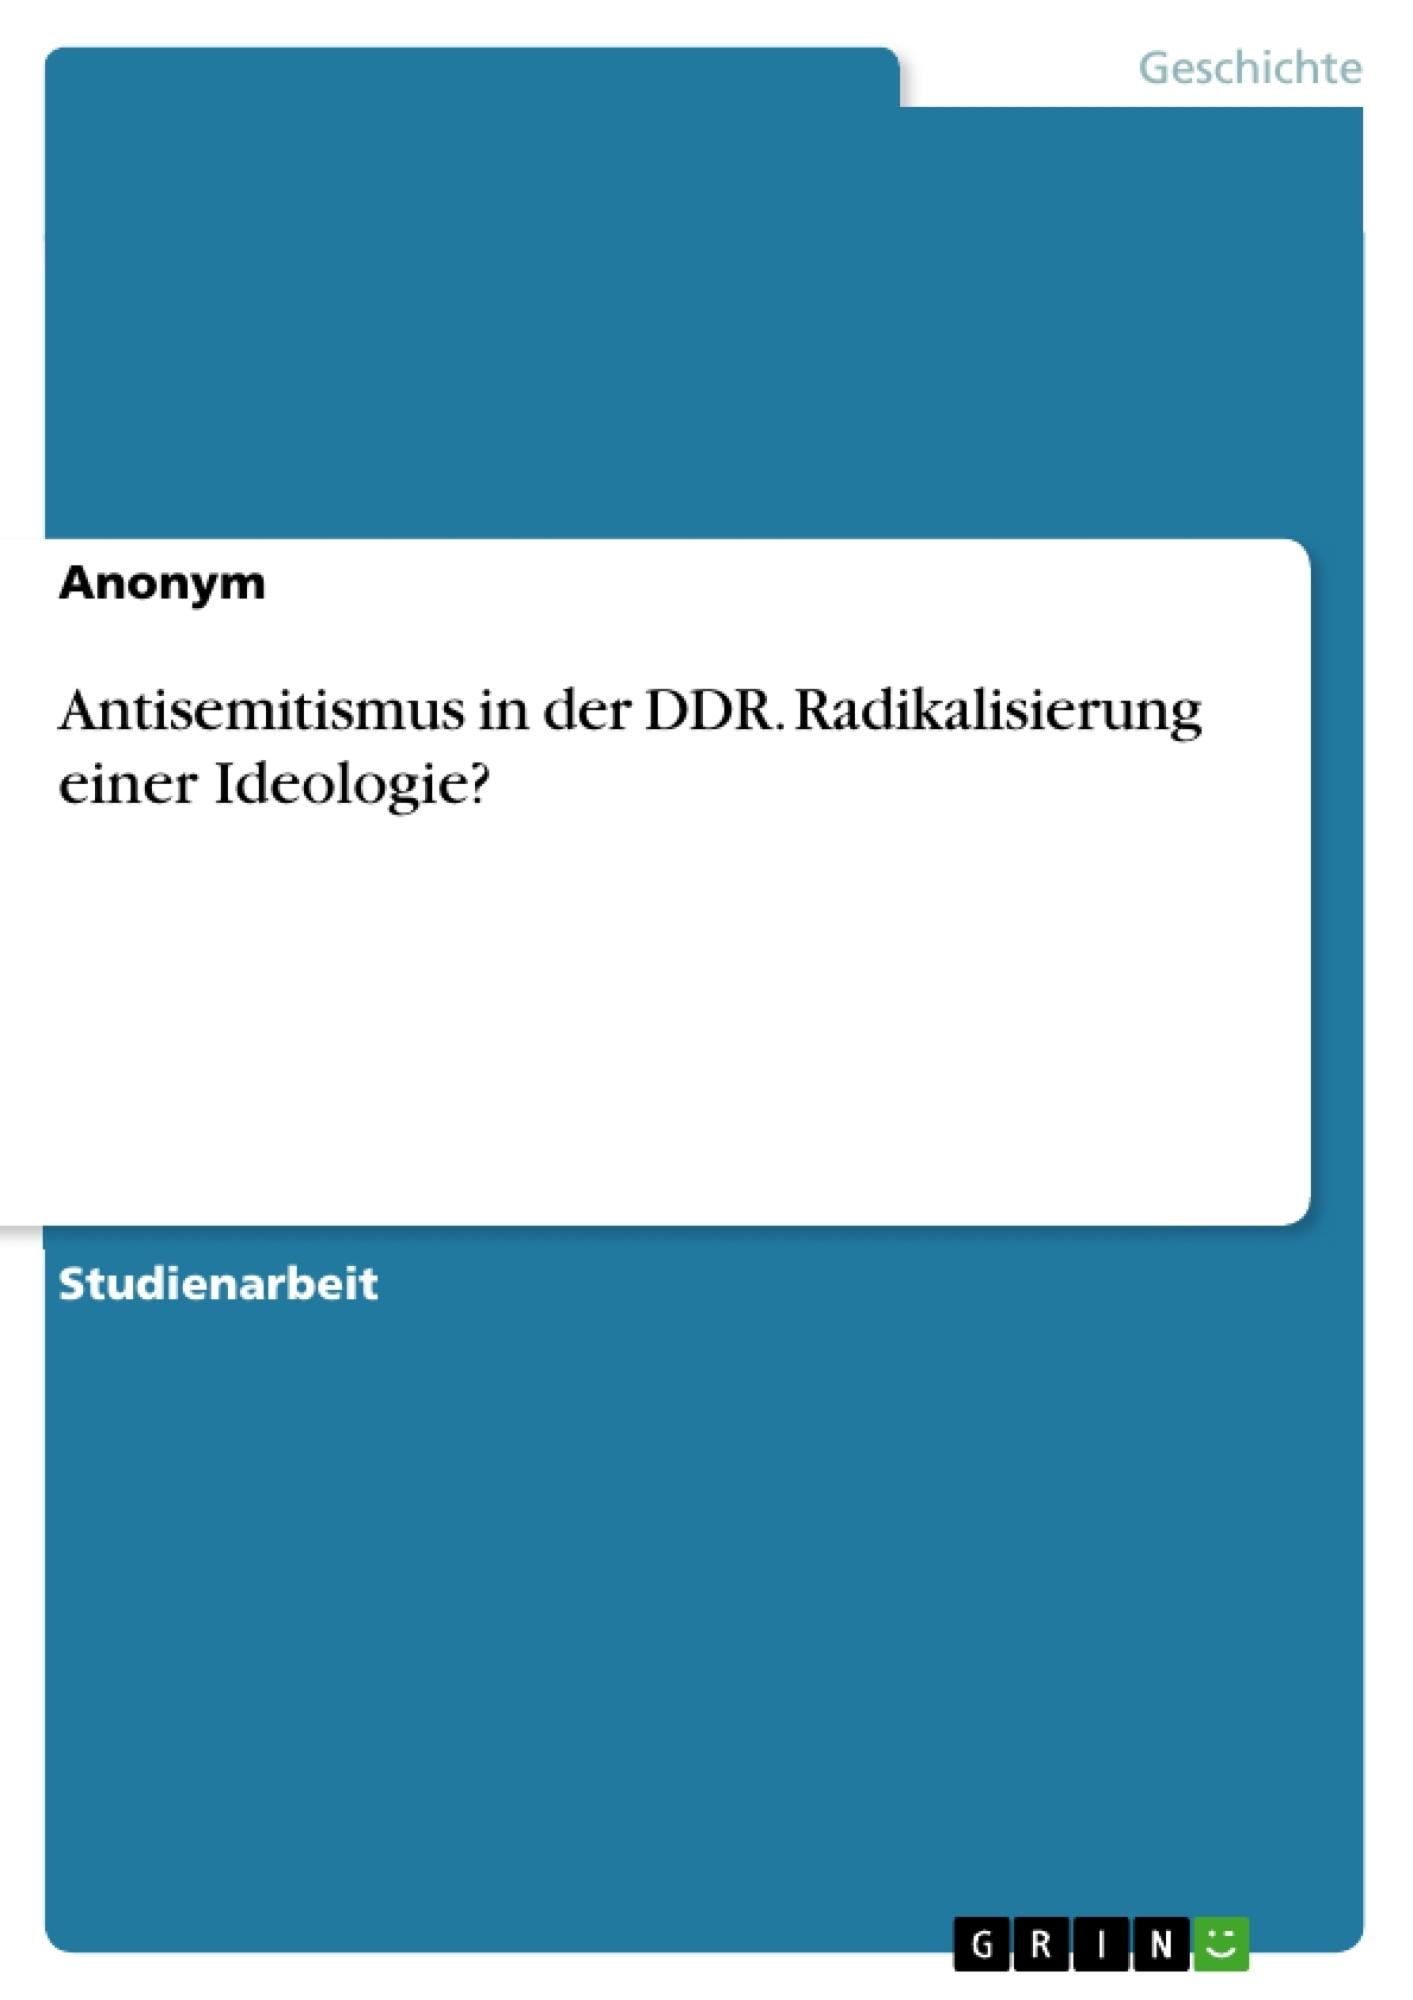 Titel: Antisemitismus in der DDR. Radikalisierung einer Ideologie?